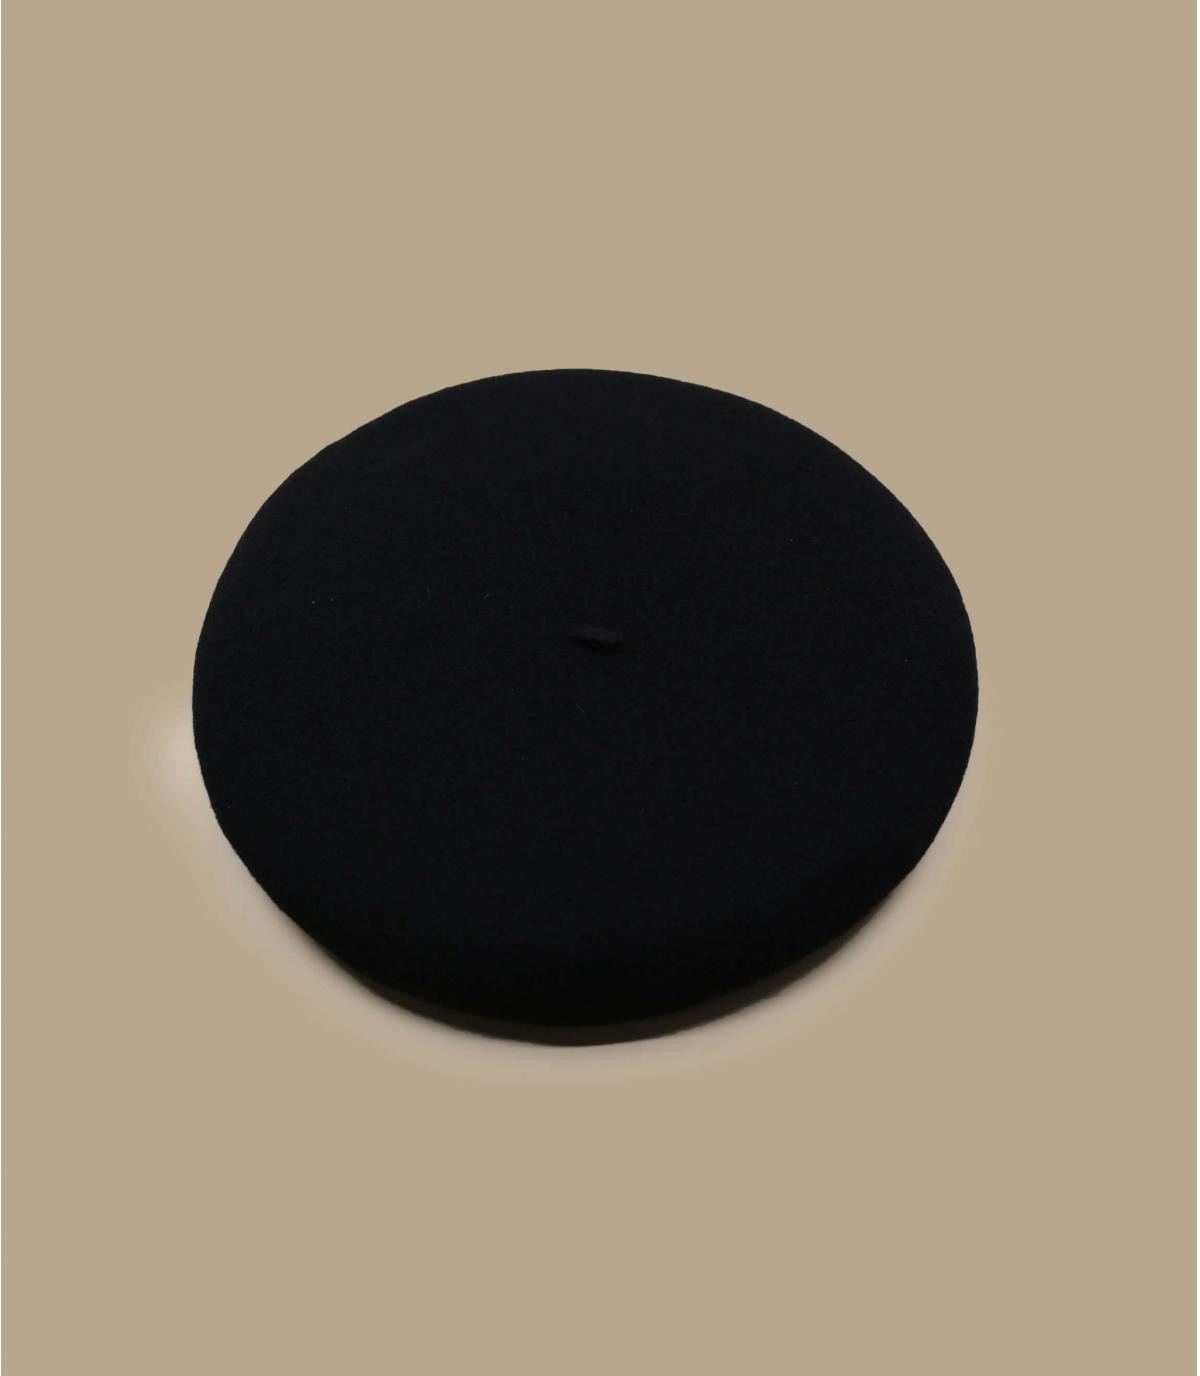 0e98e80e686999 Vrai basque black - Black french beret by Laulhere.